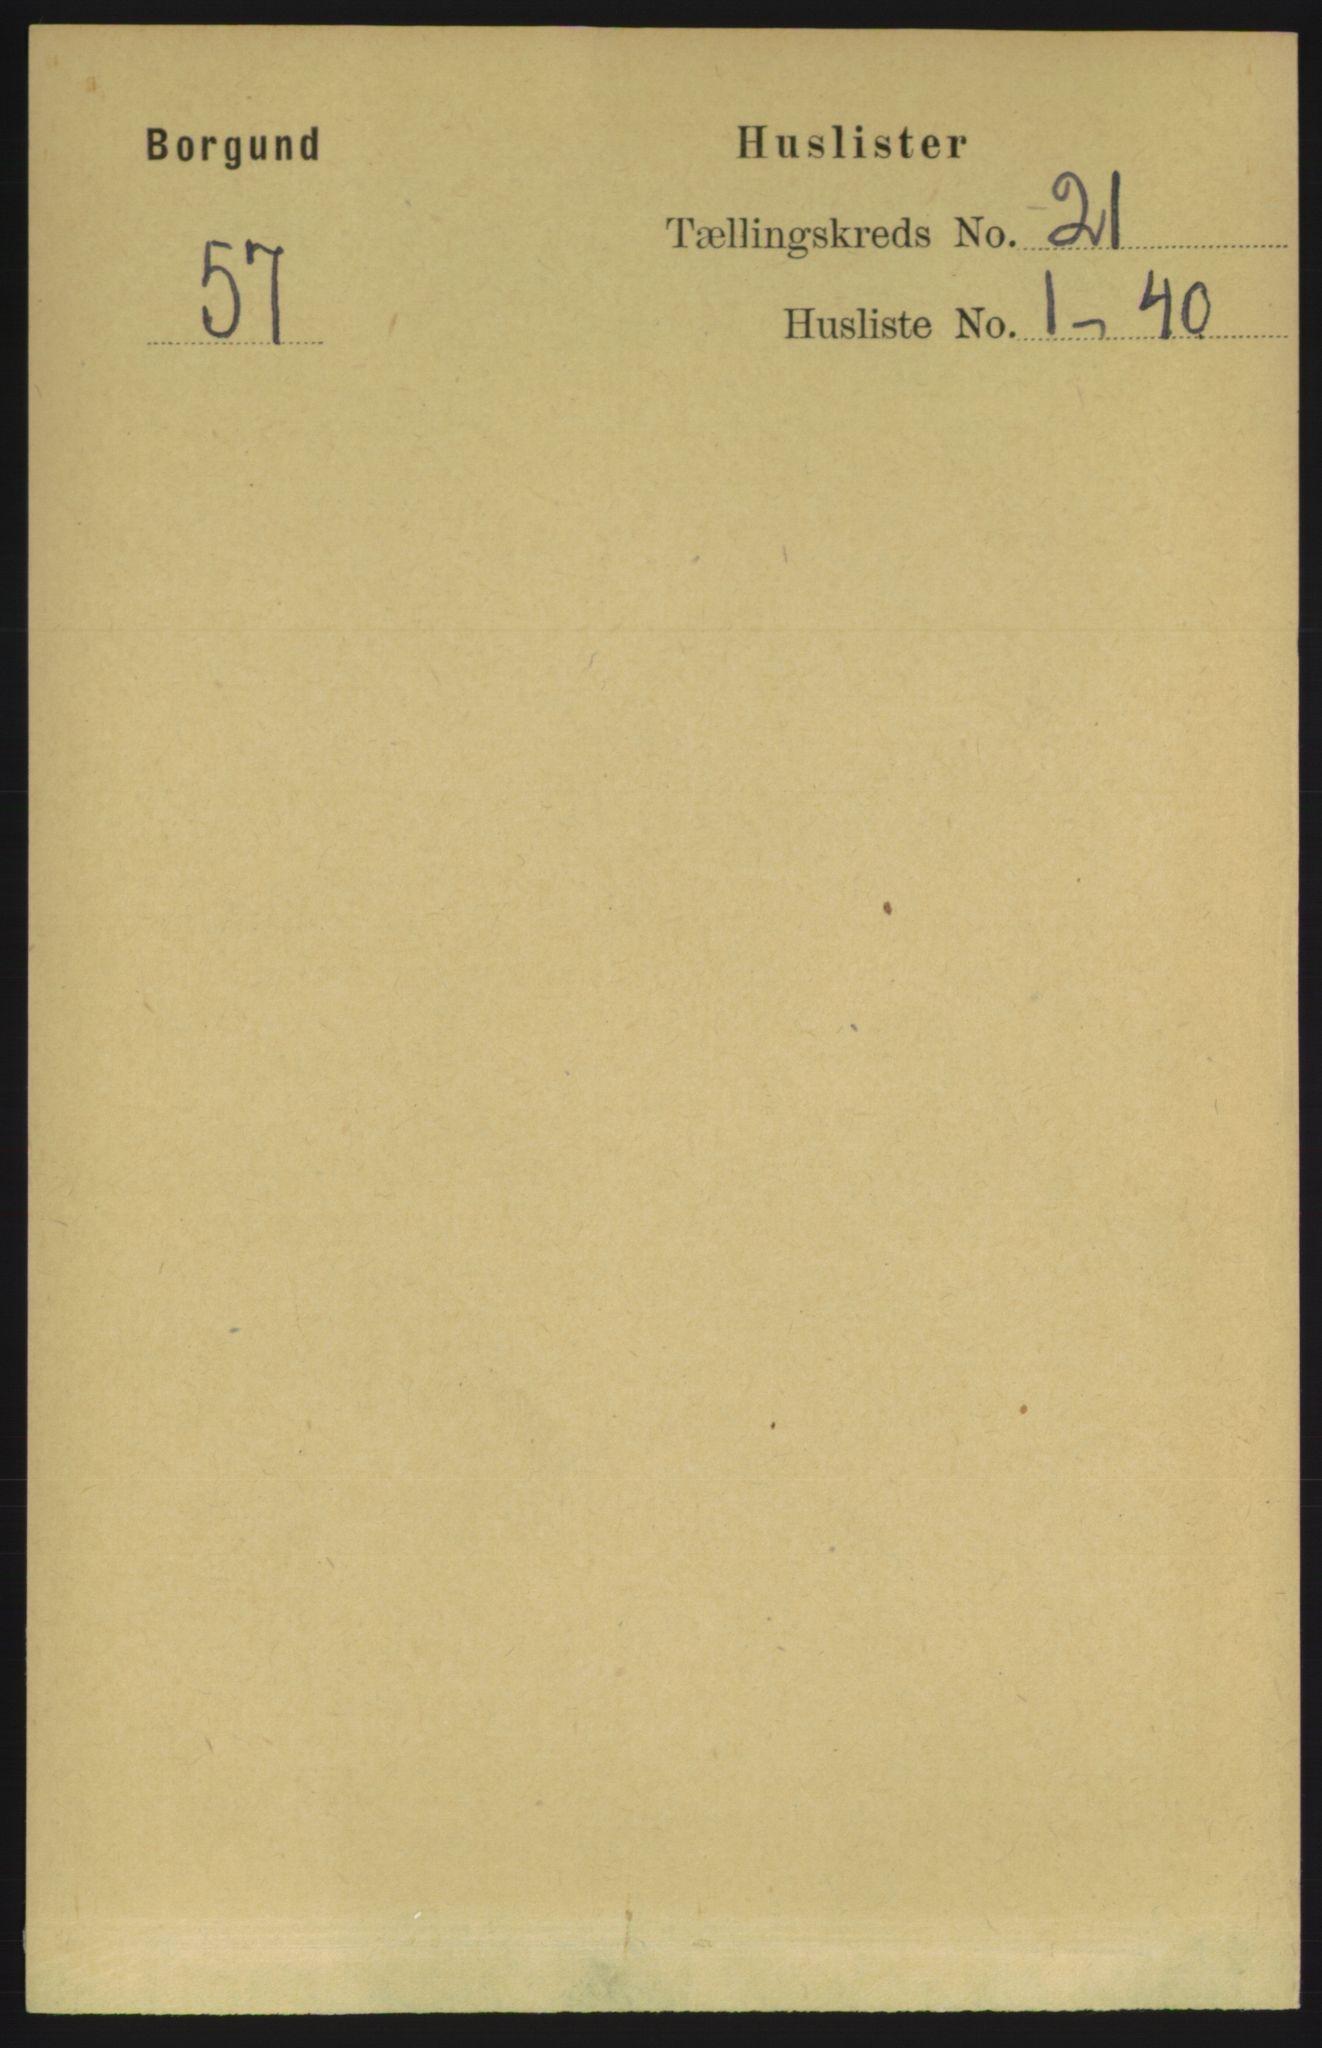 RA, Folketelling 1891 for 1531 Borgund herred, 1891, s. 6299